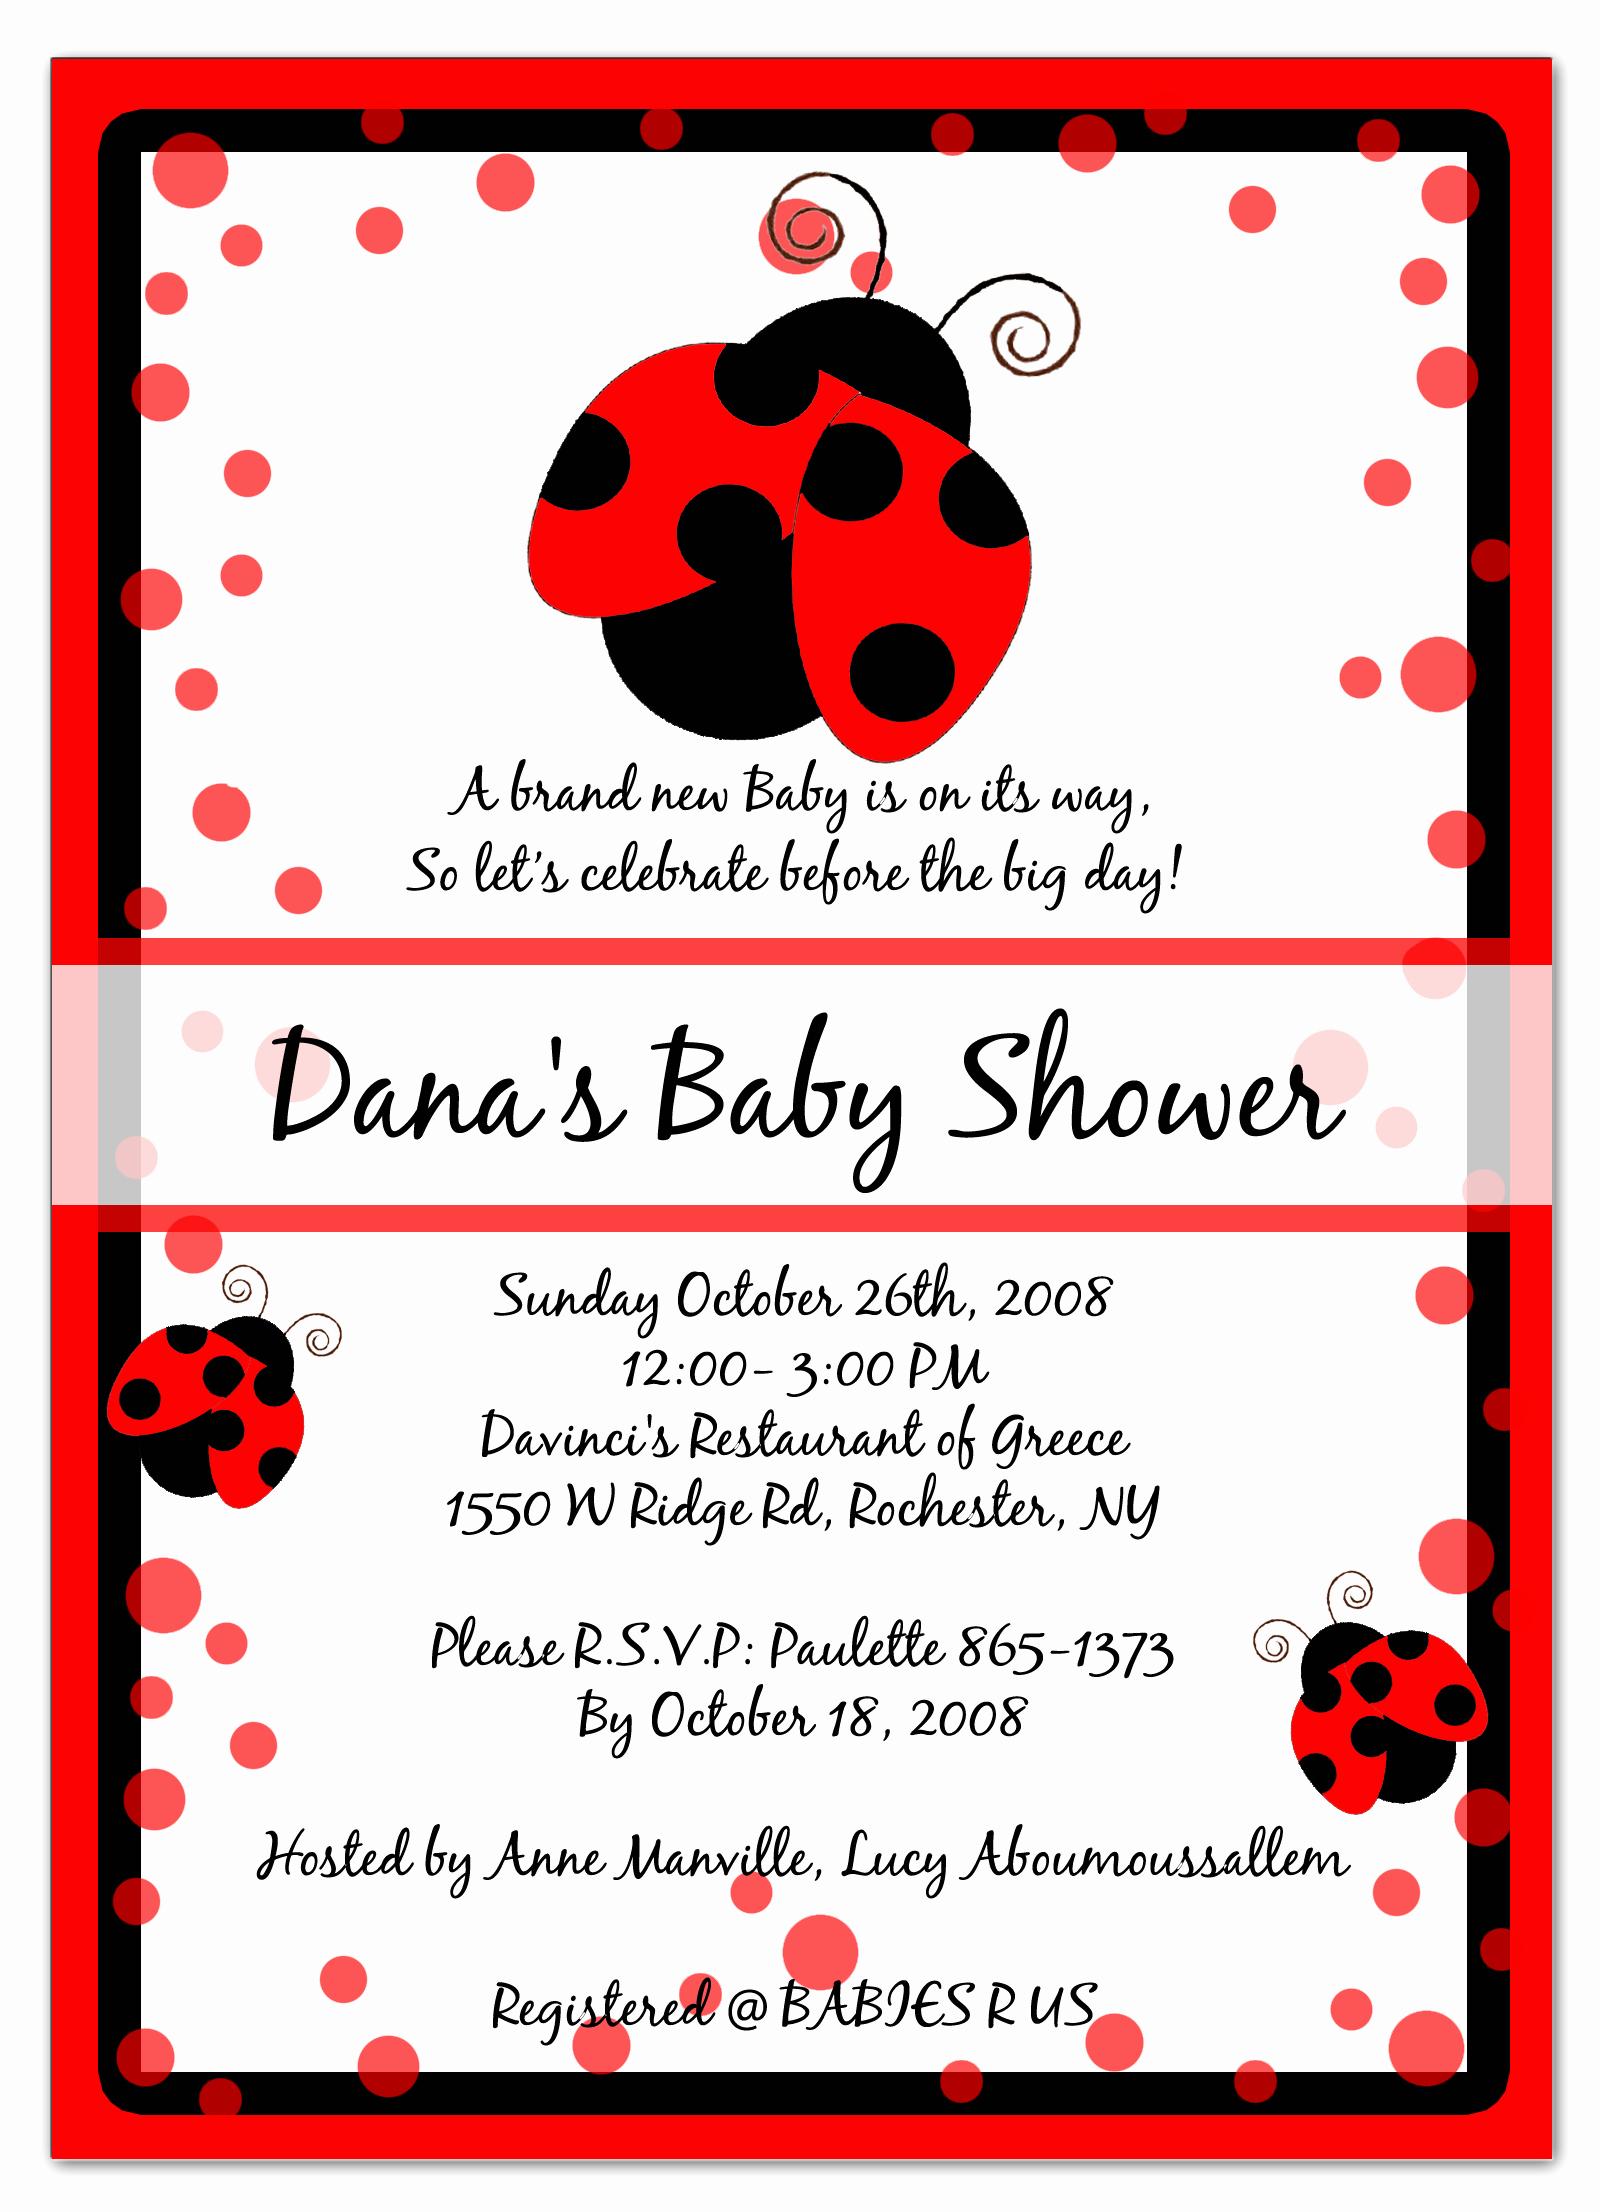 Ladybug Invitations Template Free Awesome Ladybug Baby Shower Invitations